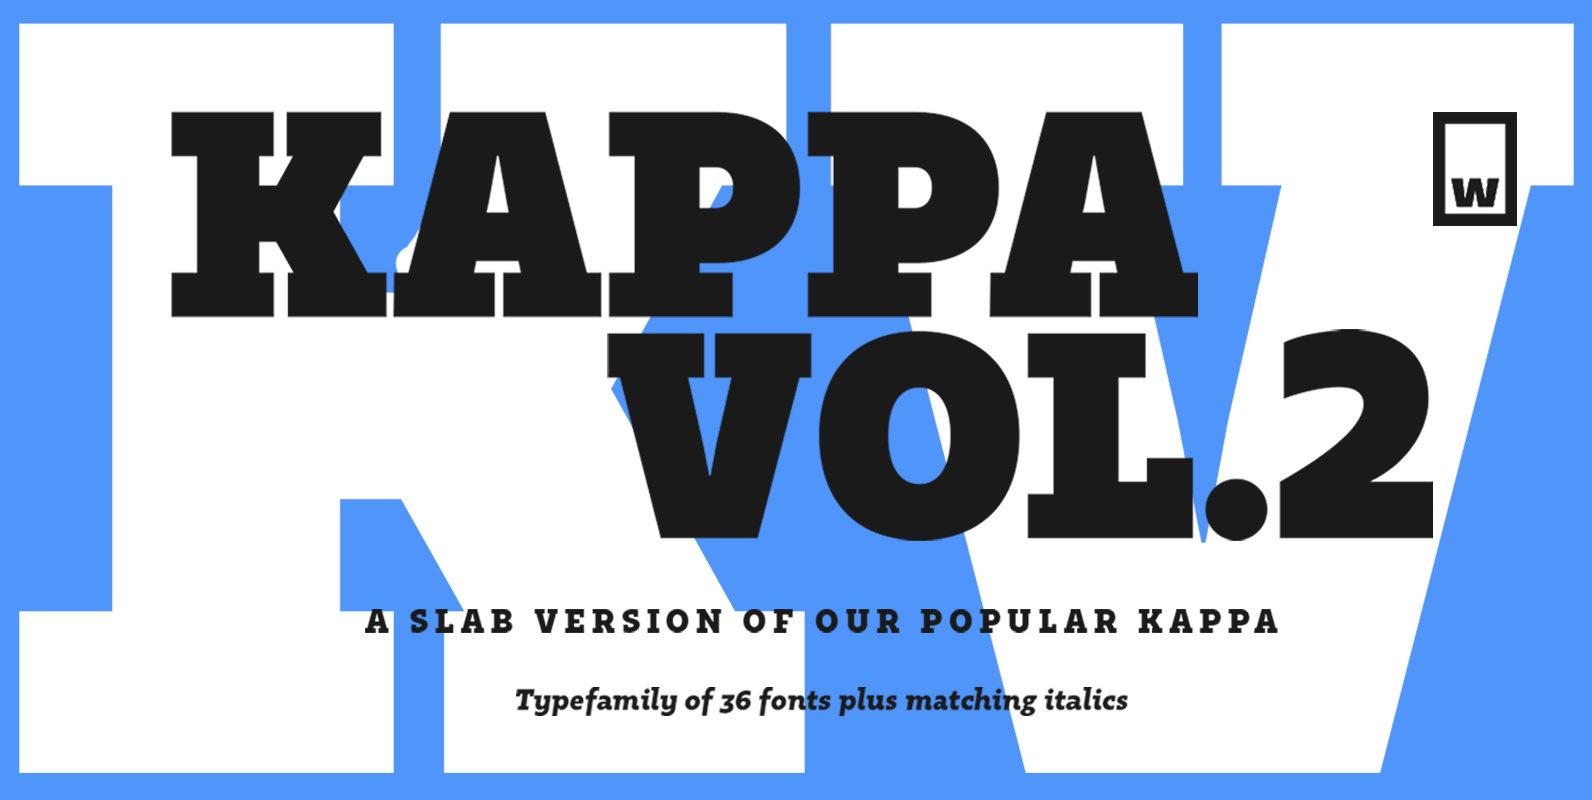 Kappa Vol.2